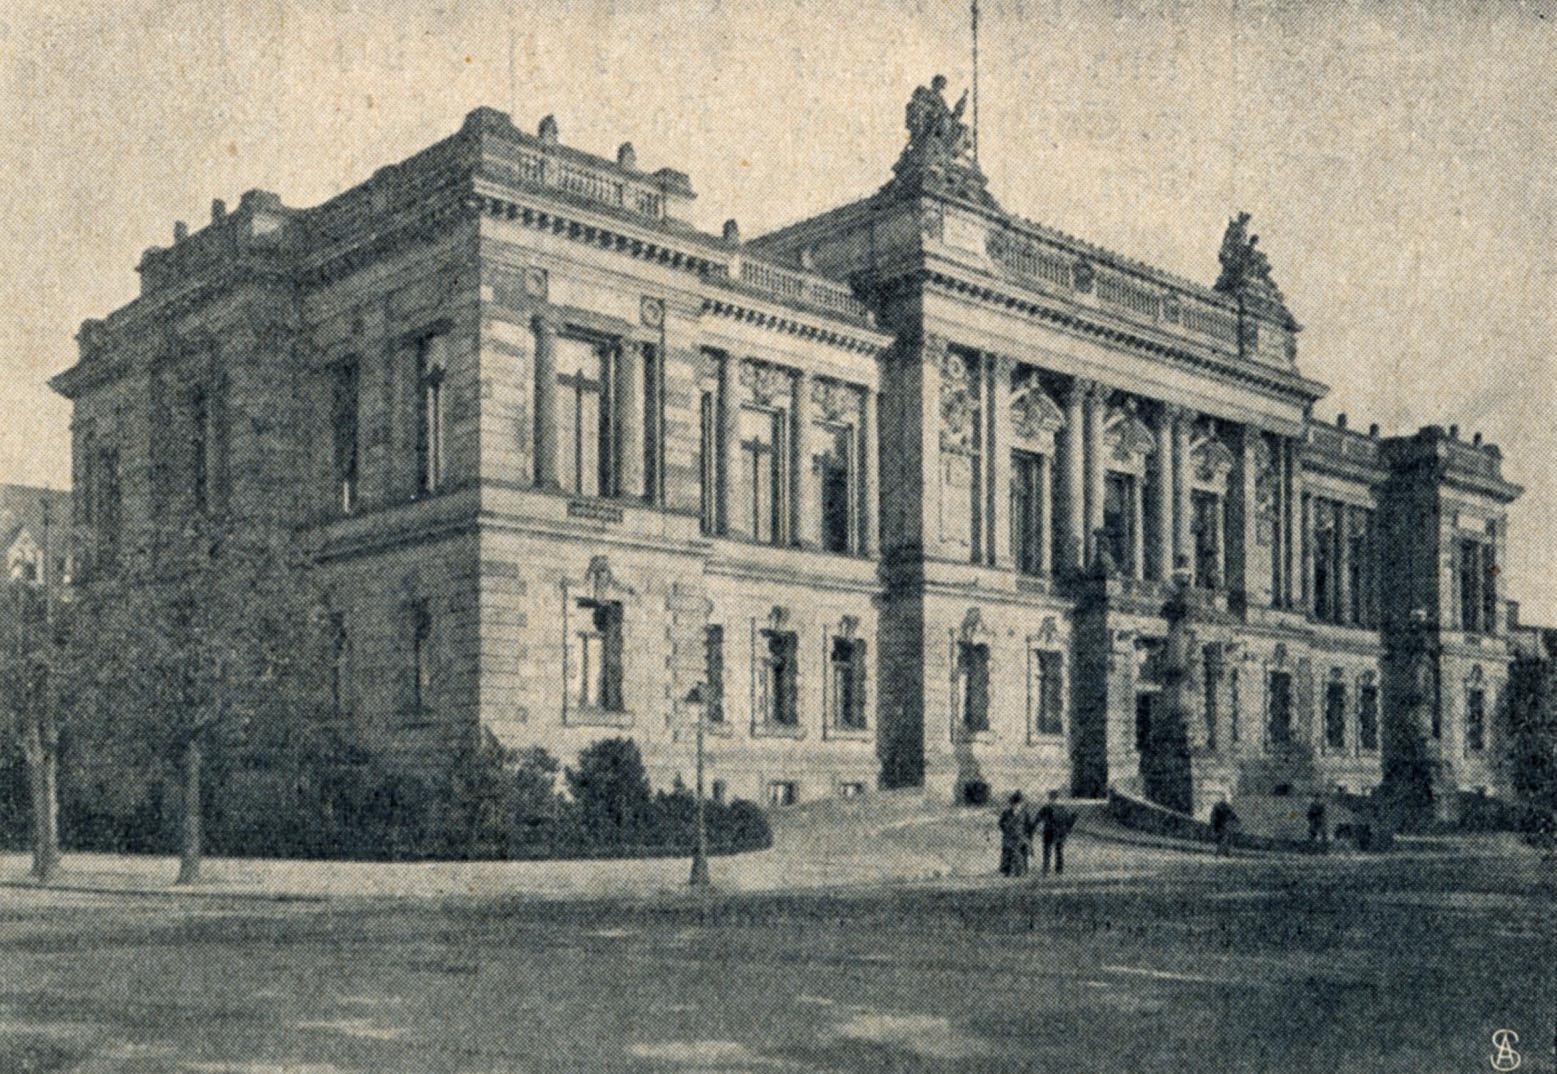 woche-1911-1.-nr.-19-s.791-landesauschutzgebaeude-strassburg